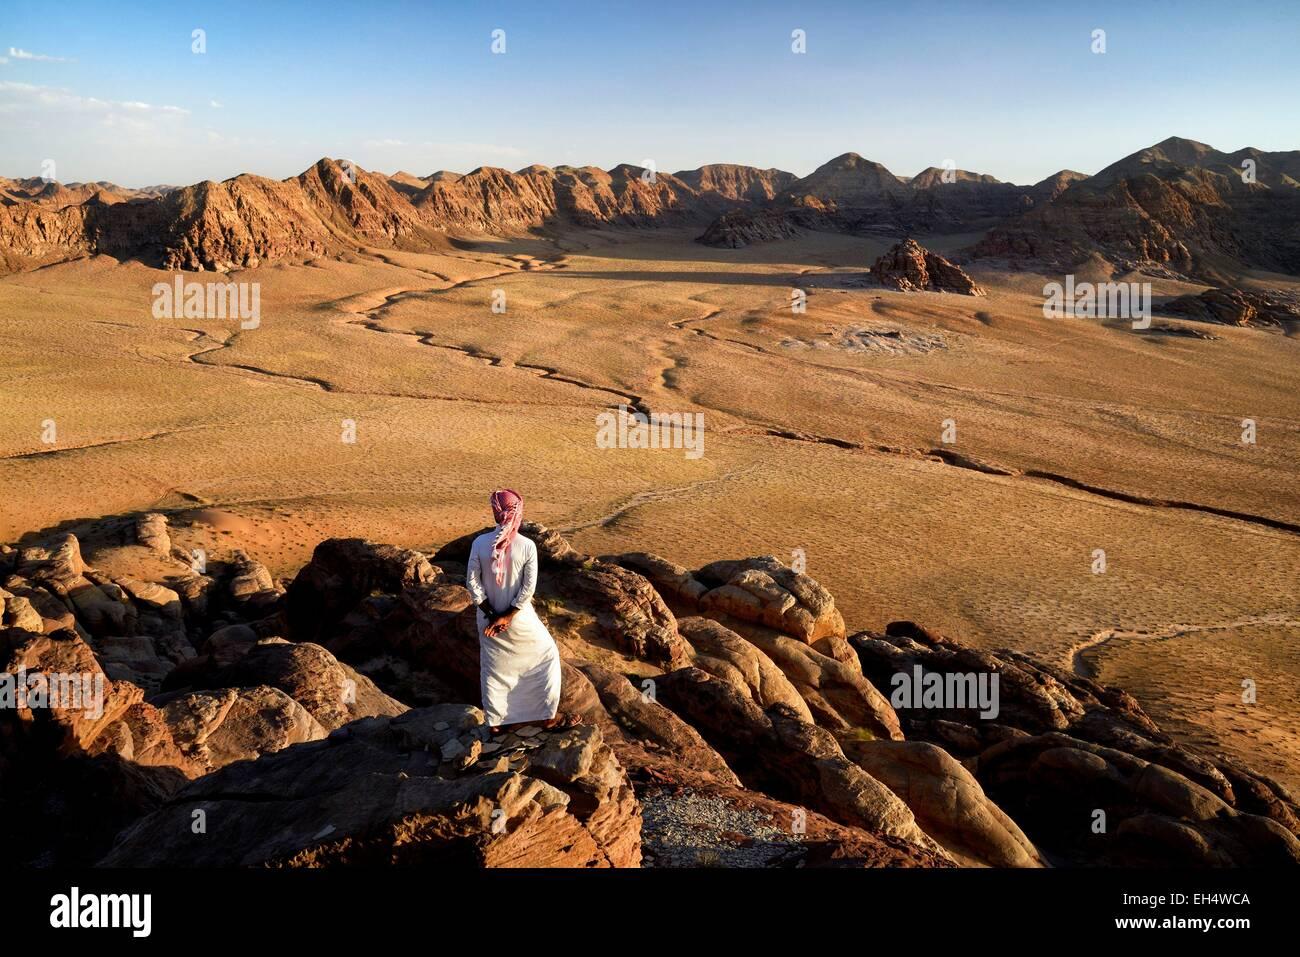 Giordania, Wadi Rum Desert, il confine con l'Arabia Saudita, Beduino e vista dal monte Gebel Khasch Immagini Stock